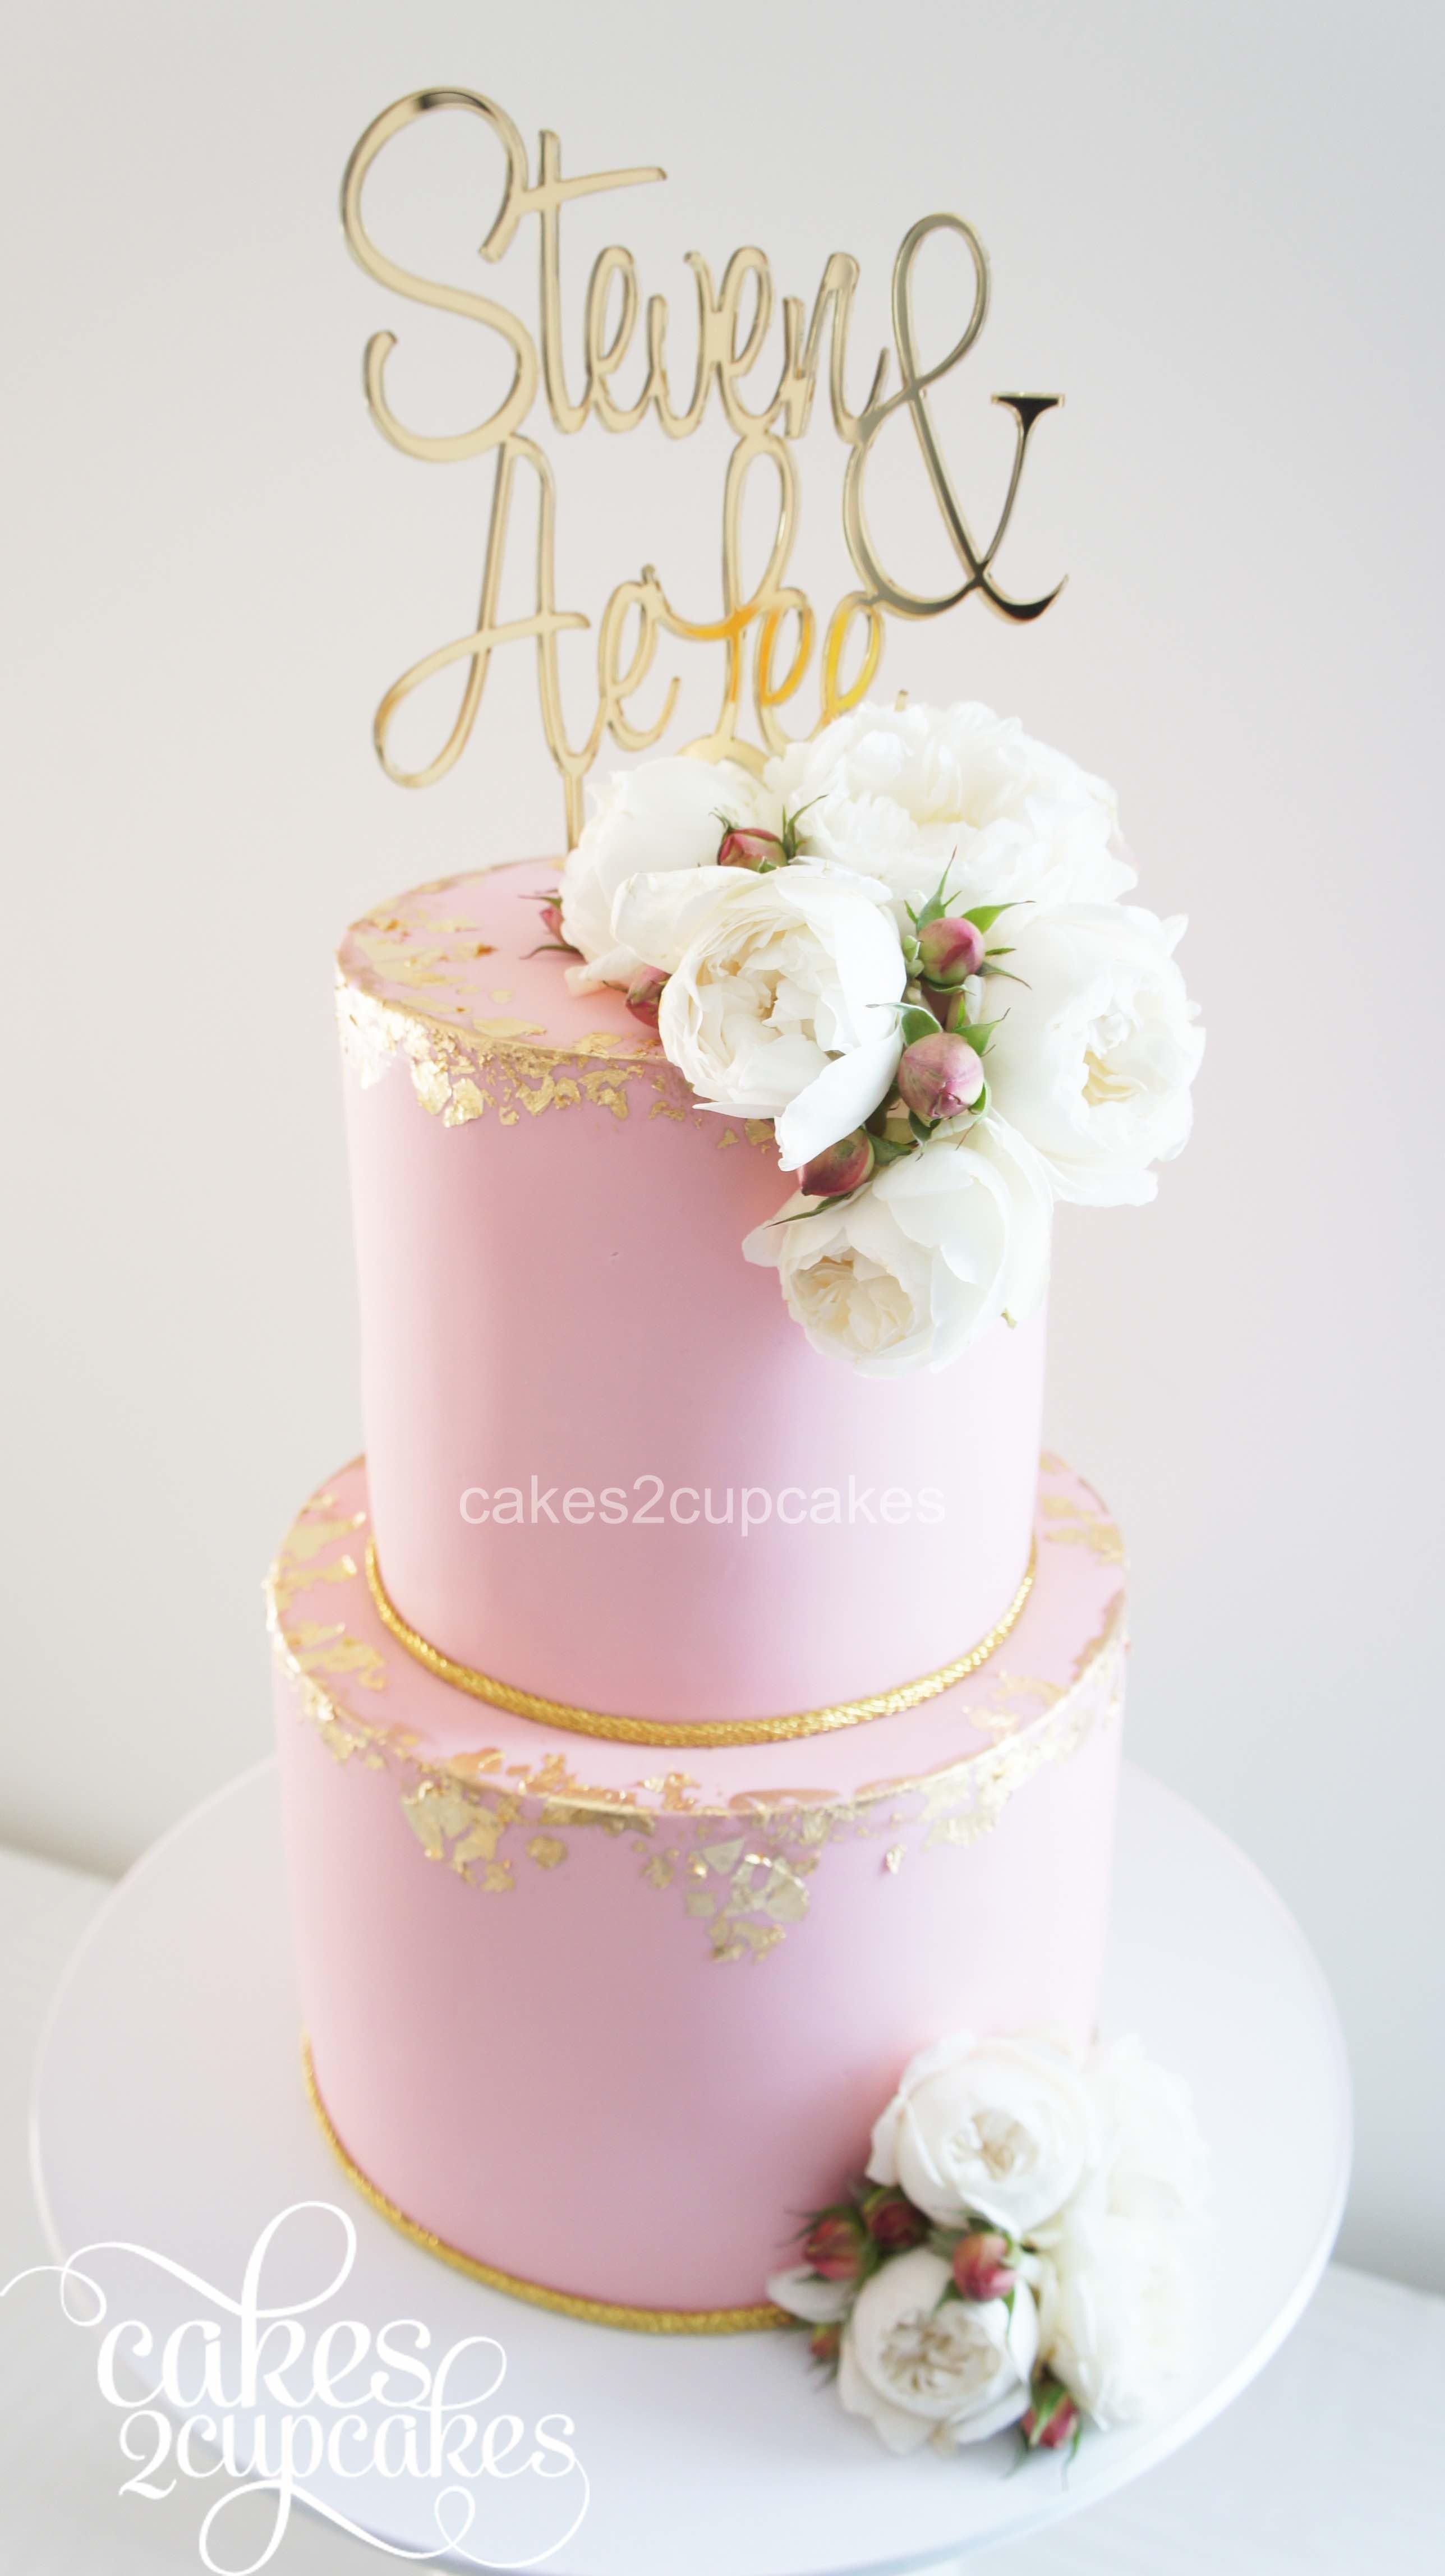 Cakes2Cupcakes-AeLee.jpg